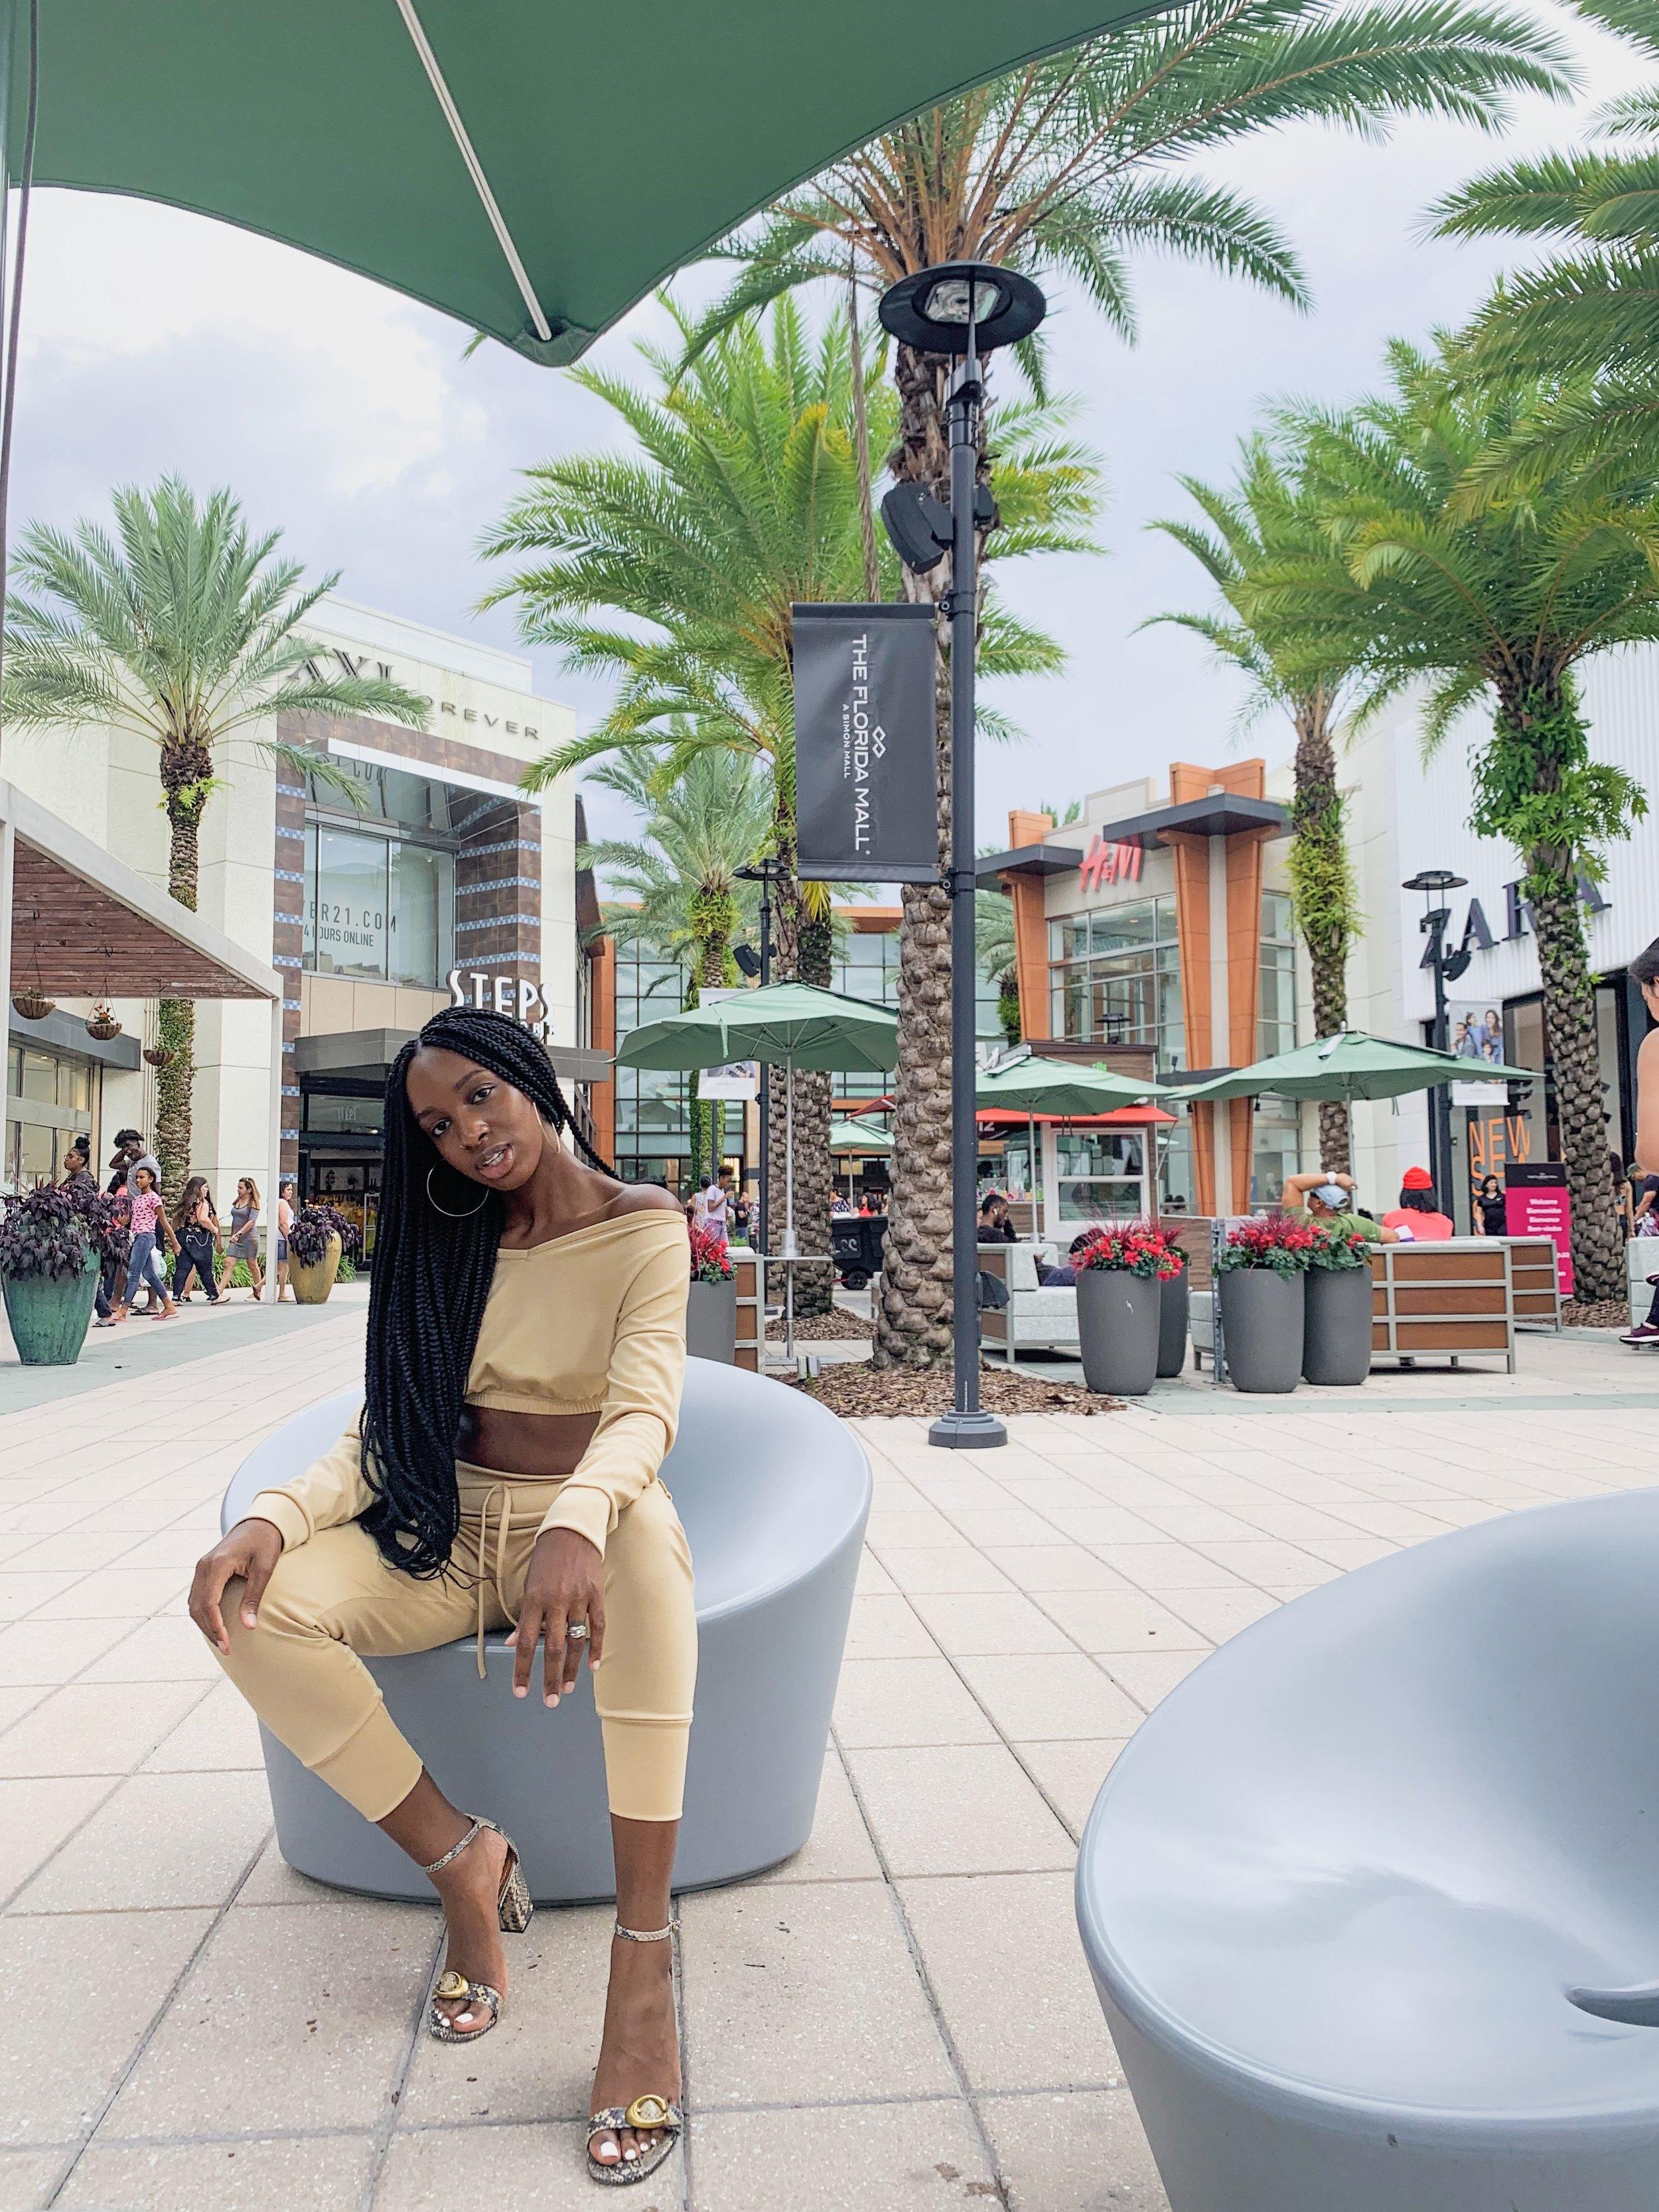 Deanna Loungewear Set ; Femme Luxe Refinery Loungewear Set